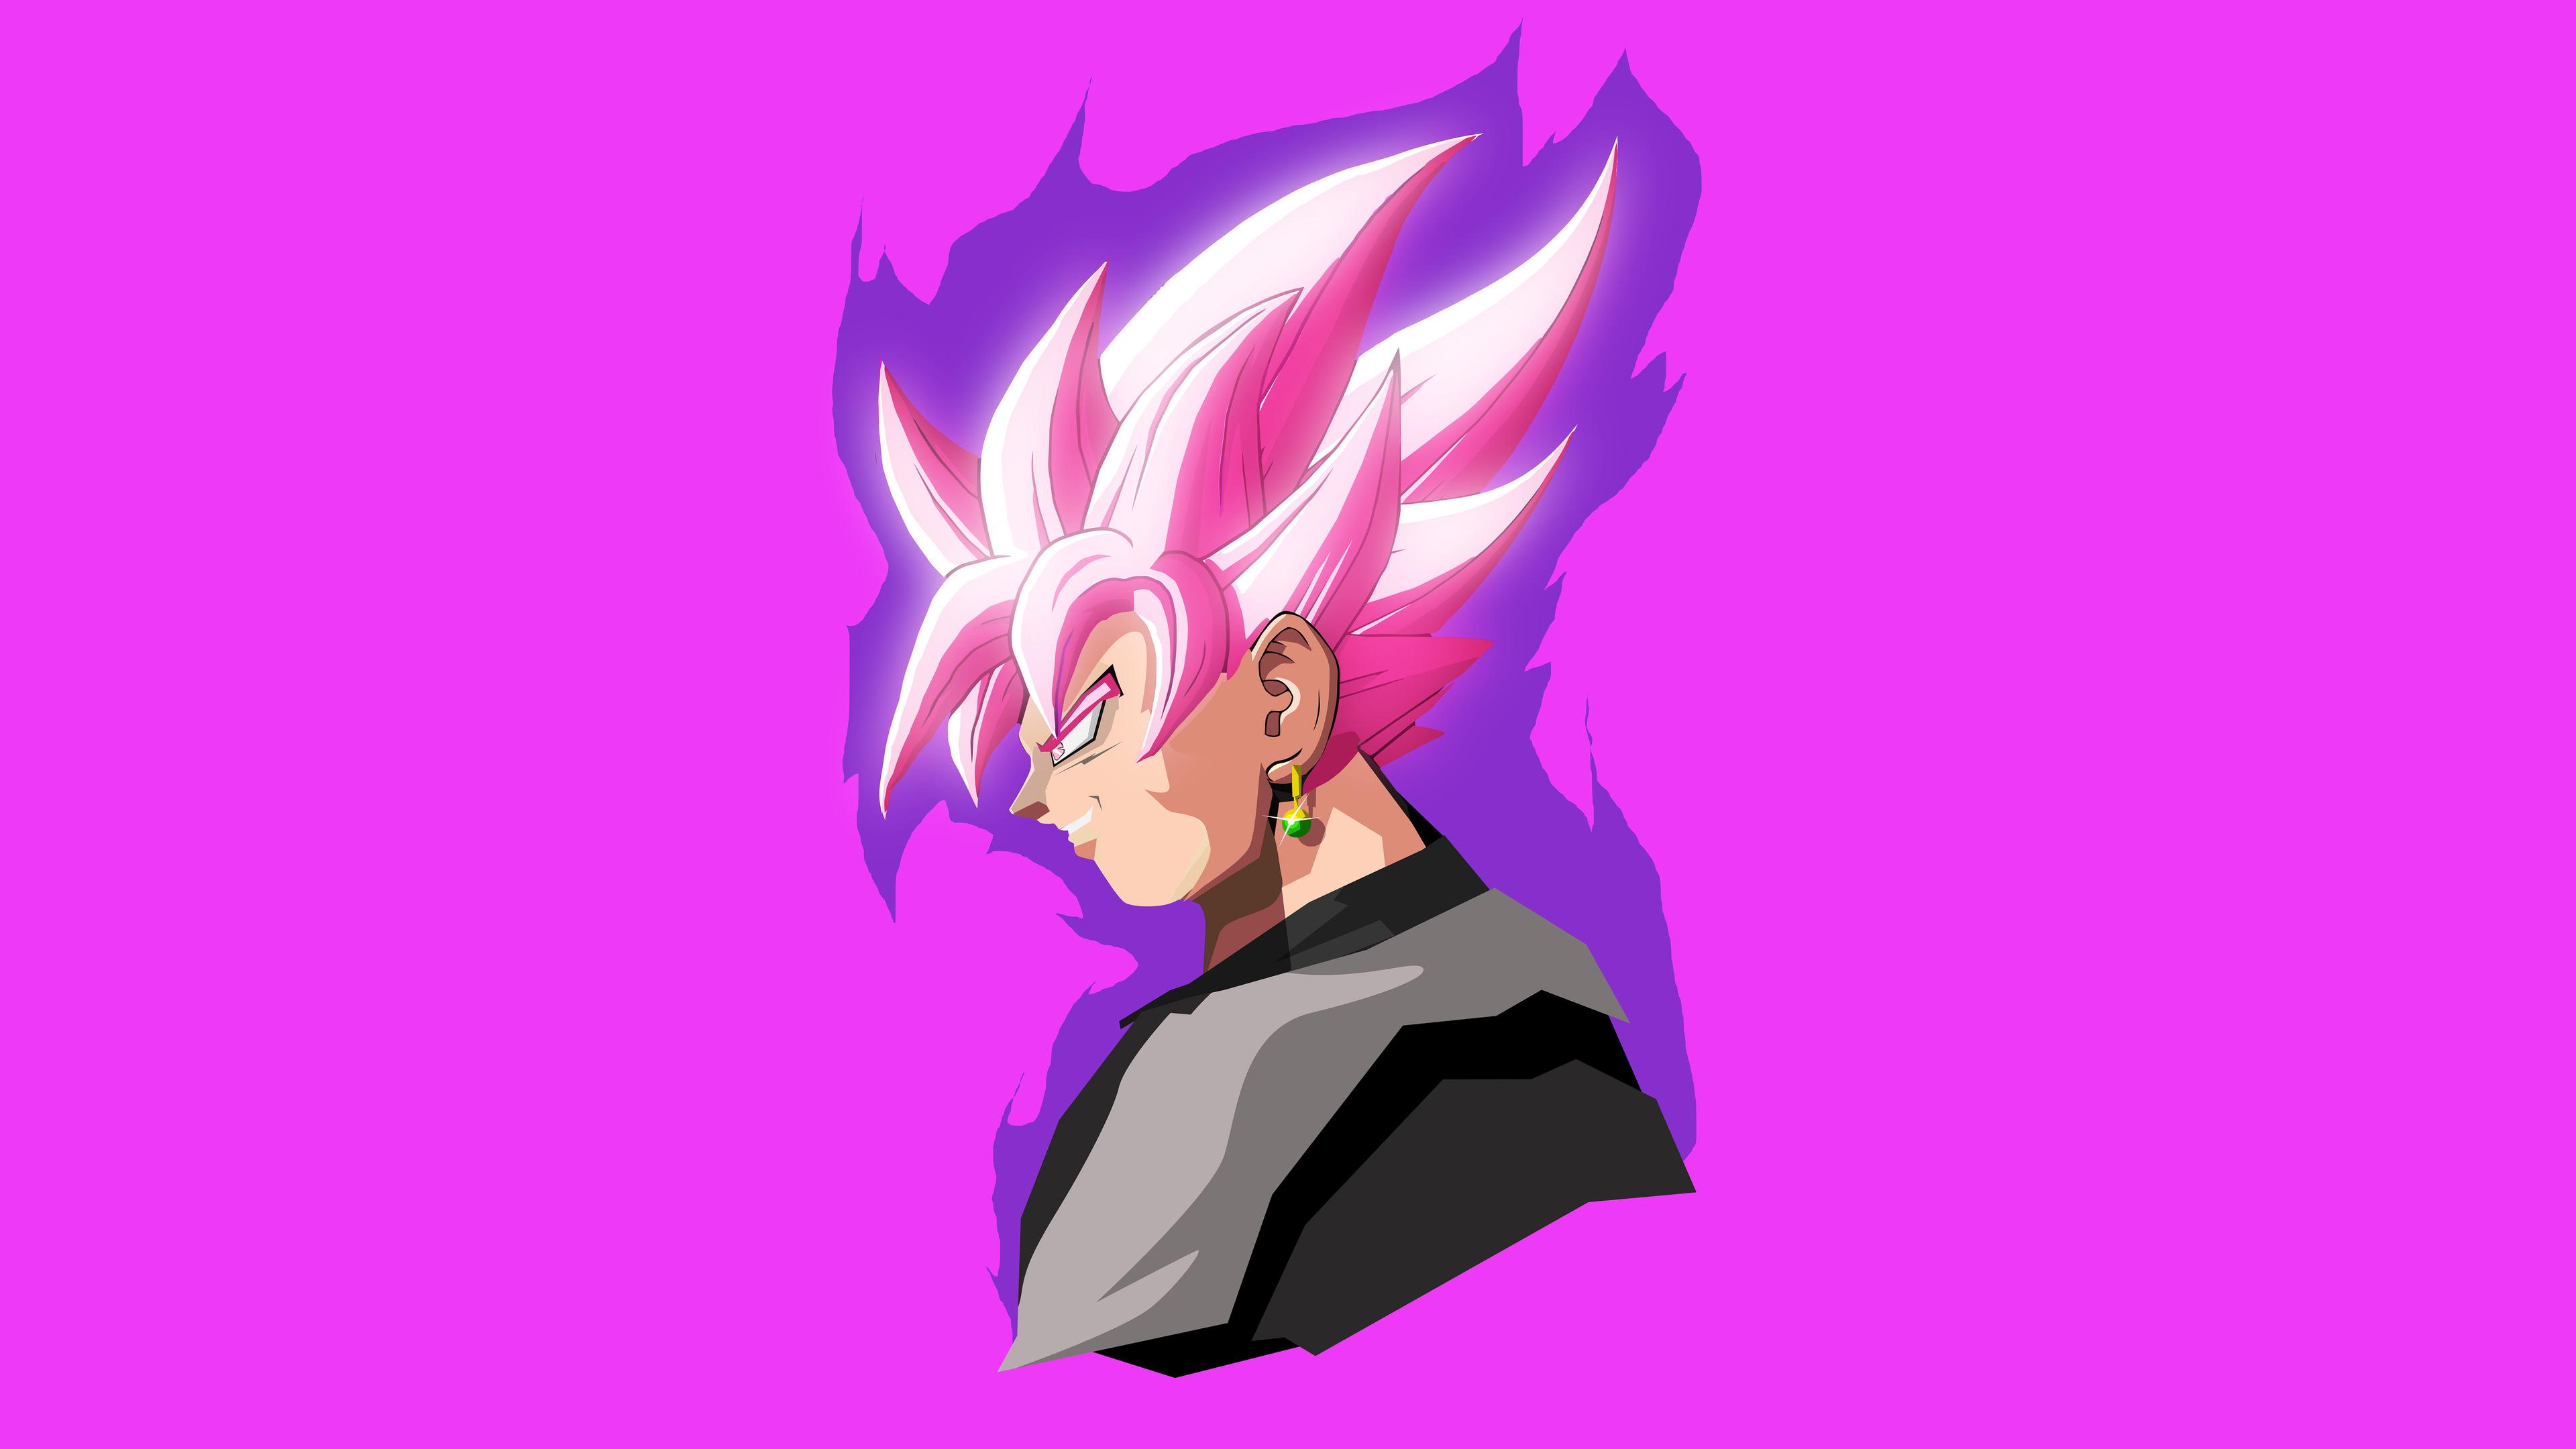 black goku dragon ball super 4k anime 1541974480 - Black Goku Dragon Ball Super 4k Anime - hd-wallpapers, goku wallpapers, dragon ball wallpapers, dragon ball super wallpapers, digital art wallpapers, artwork wallpapers, artstation wallpapers, artist wallpapers, anime wallpapers